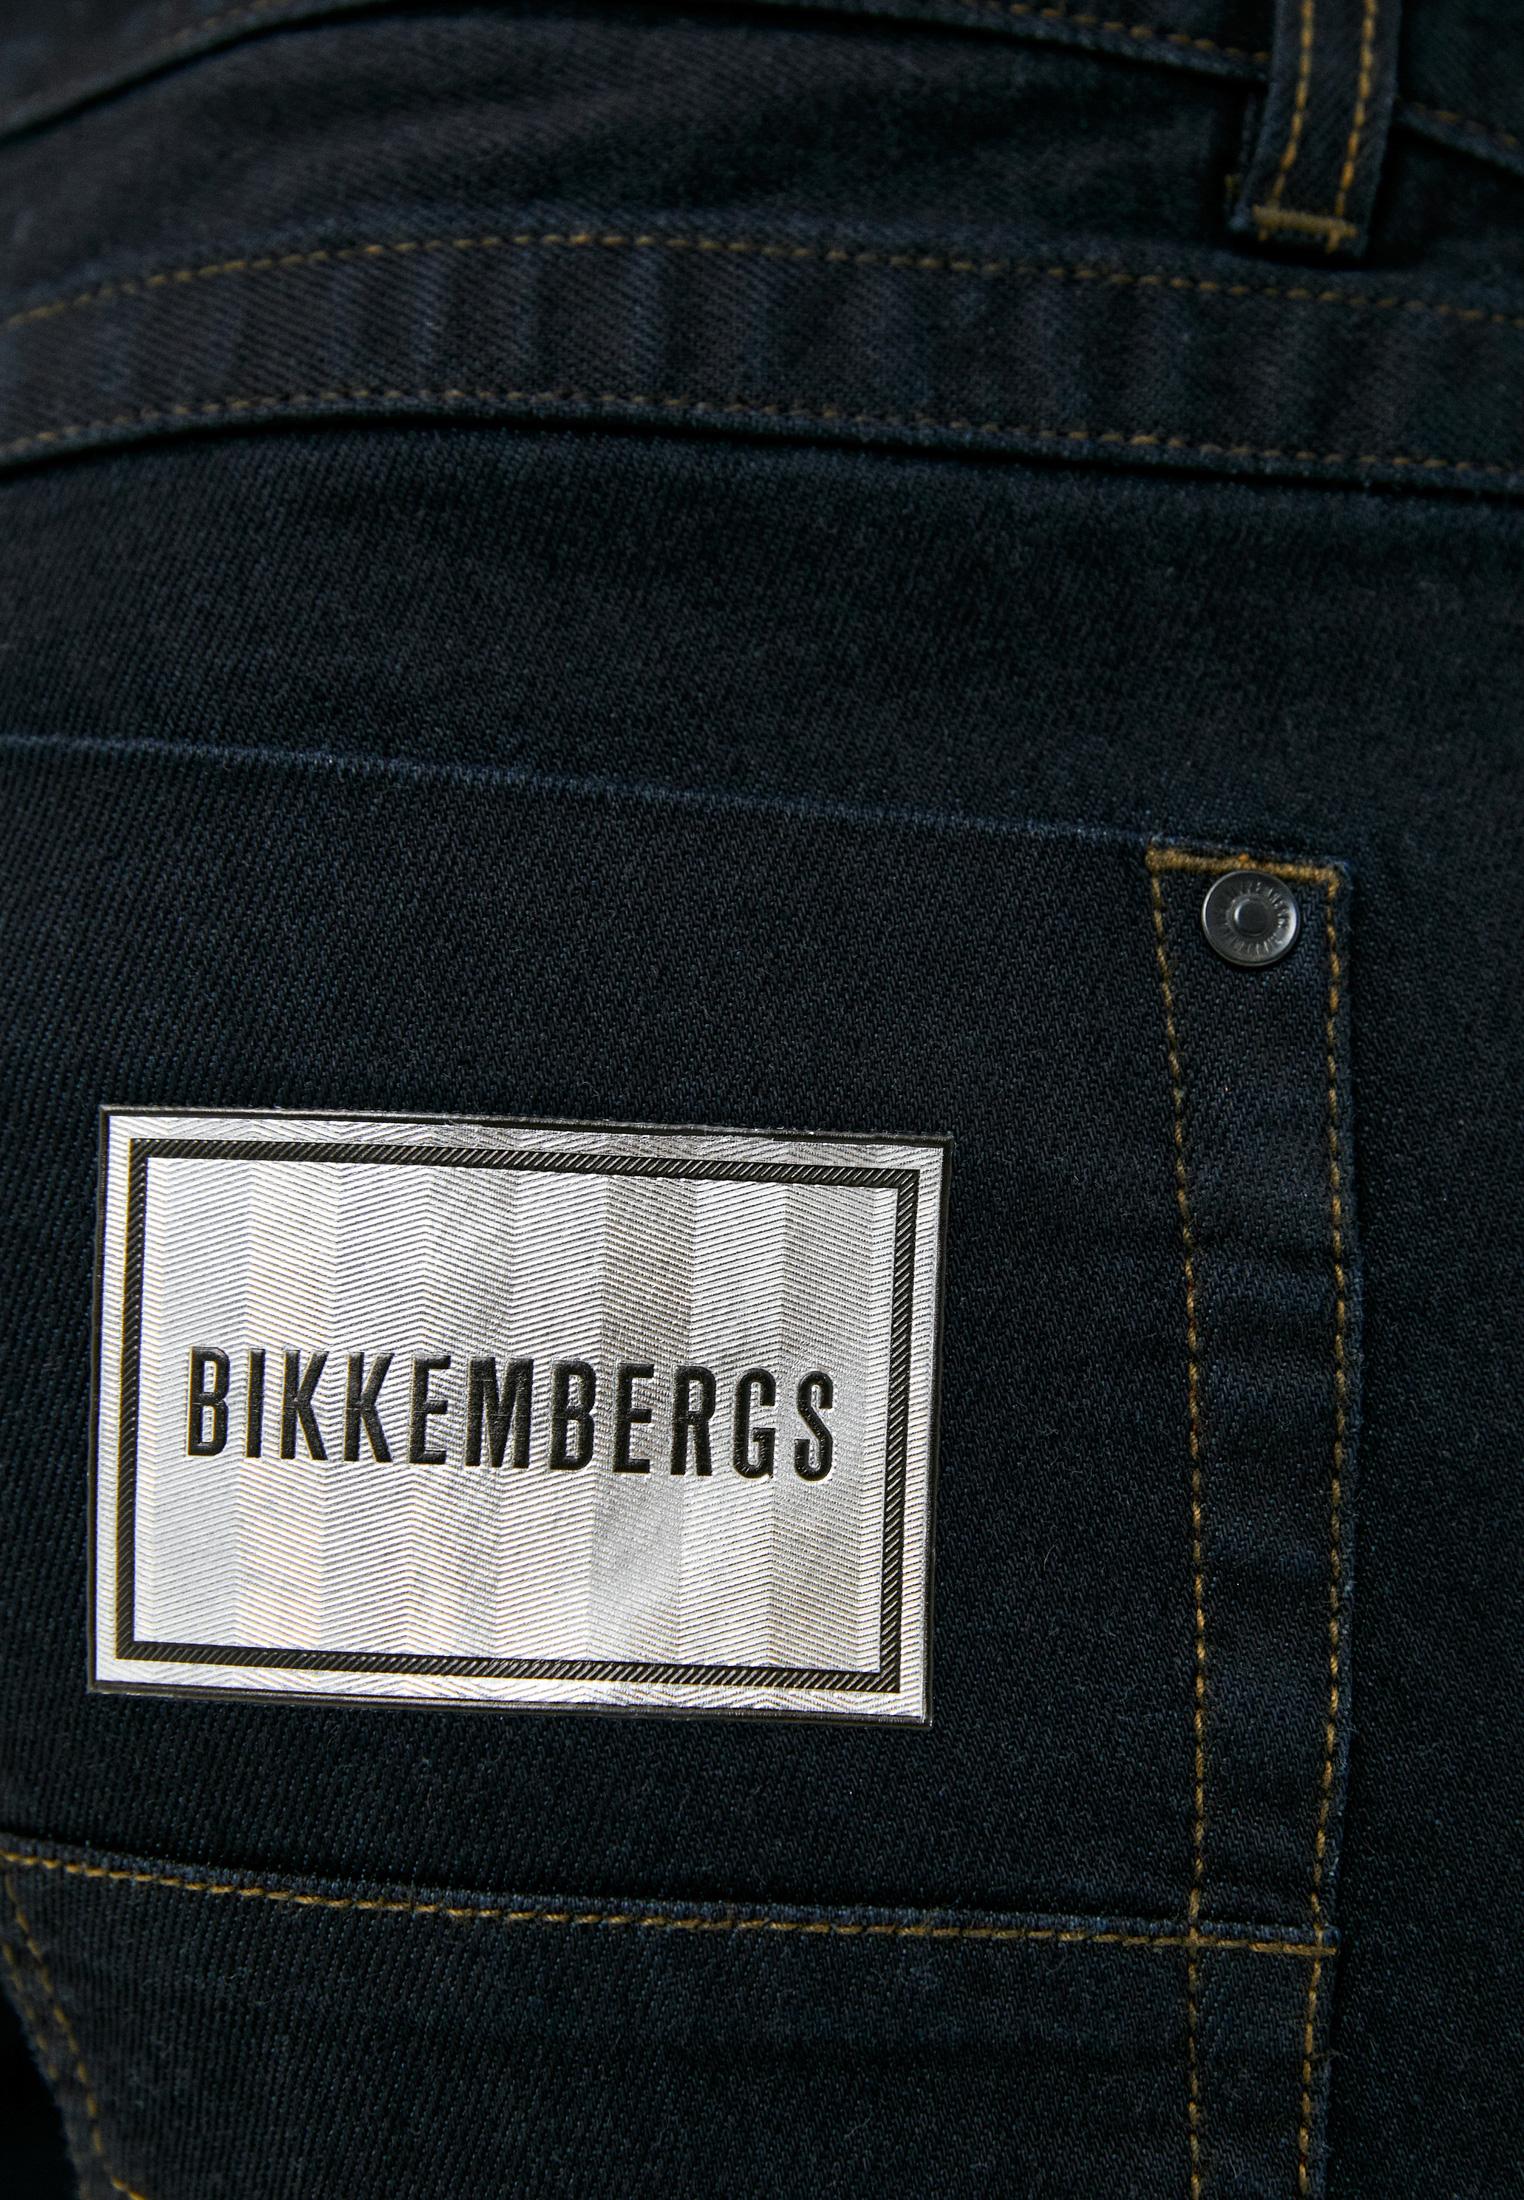 Мужские прямые джинсы Bikkembergs (Биккембергс) C Q 101 01 S 3333: изображение 5